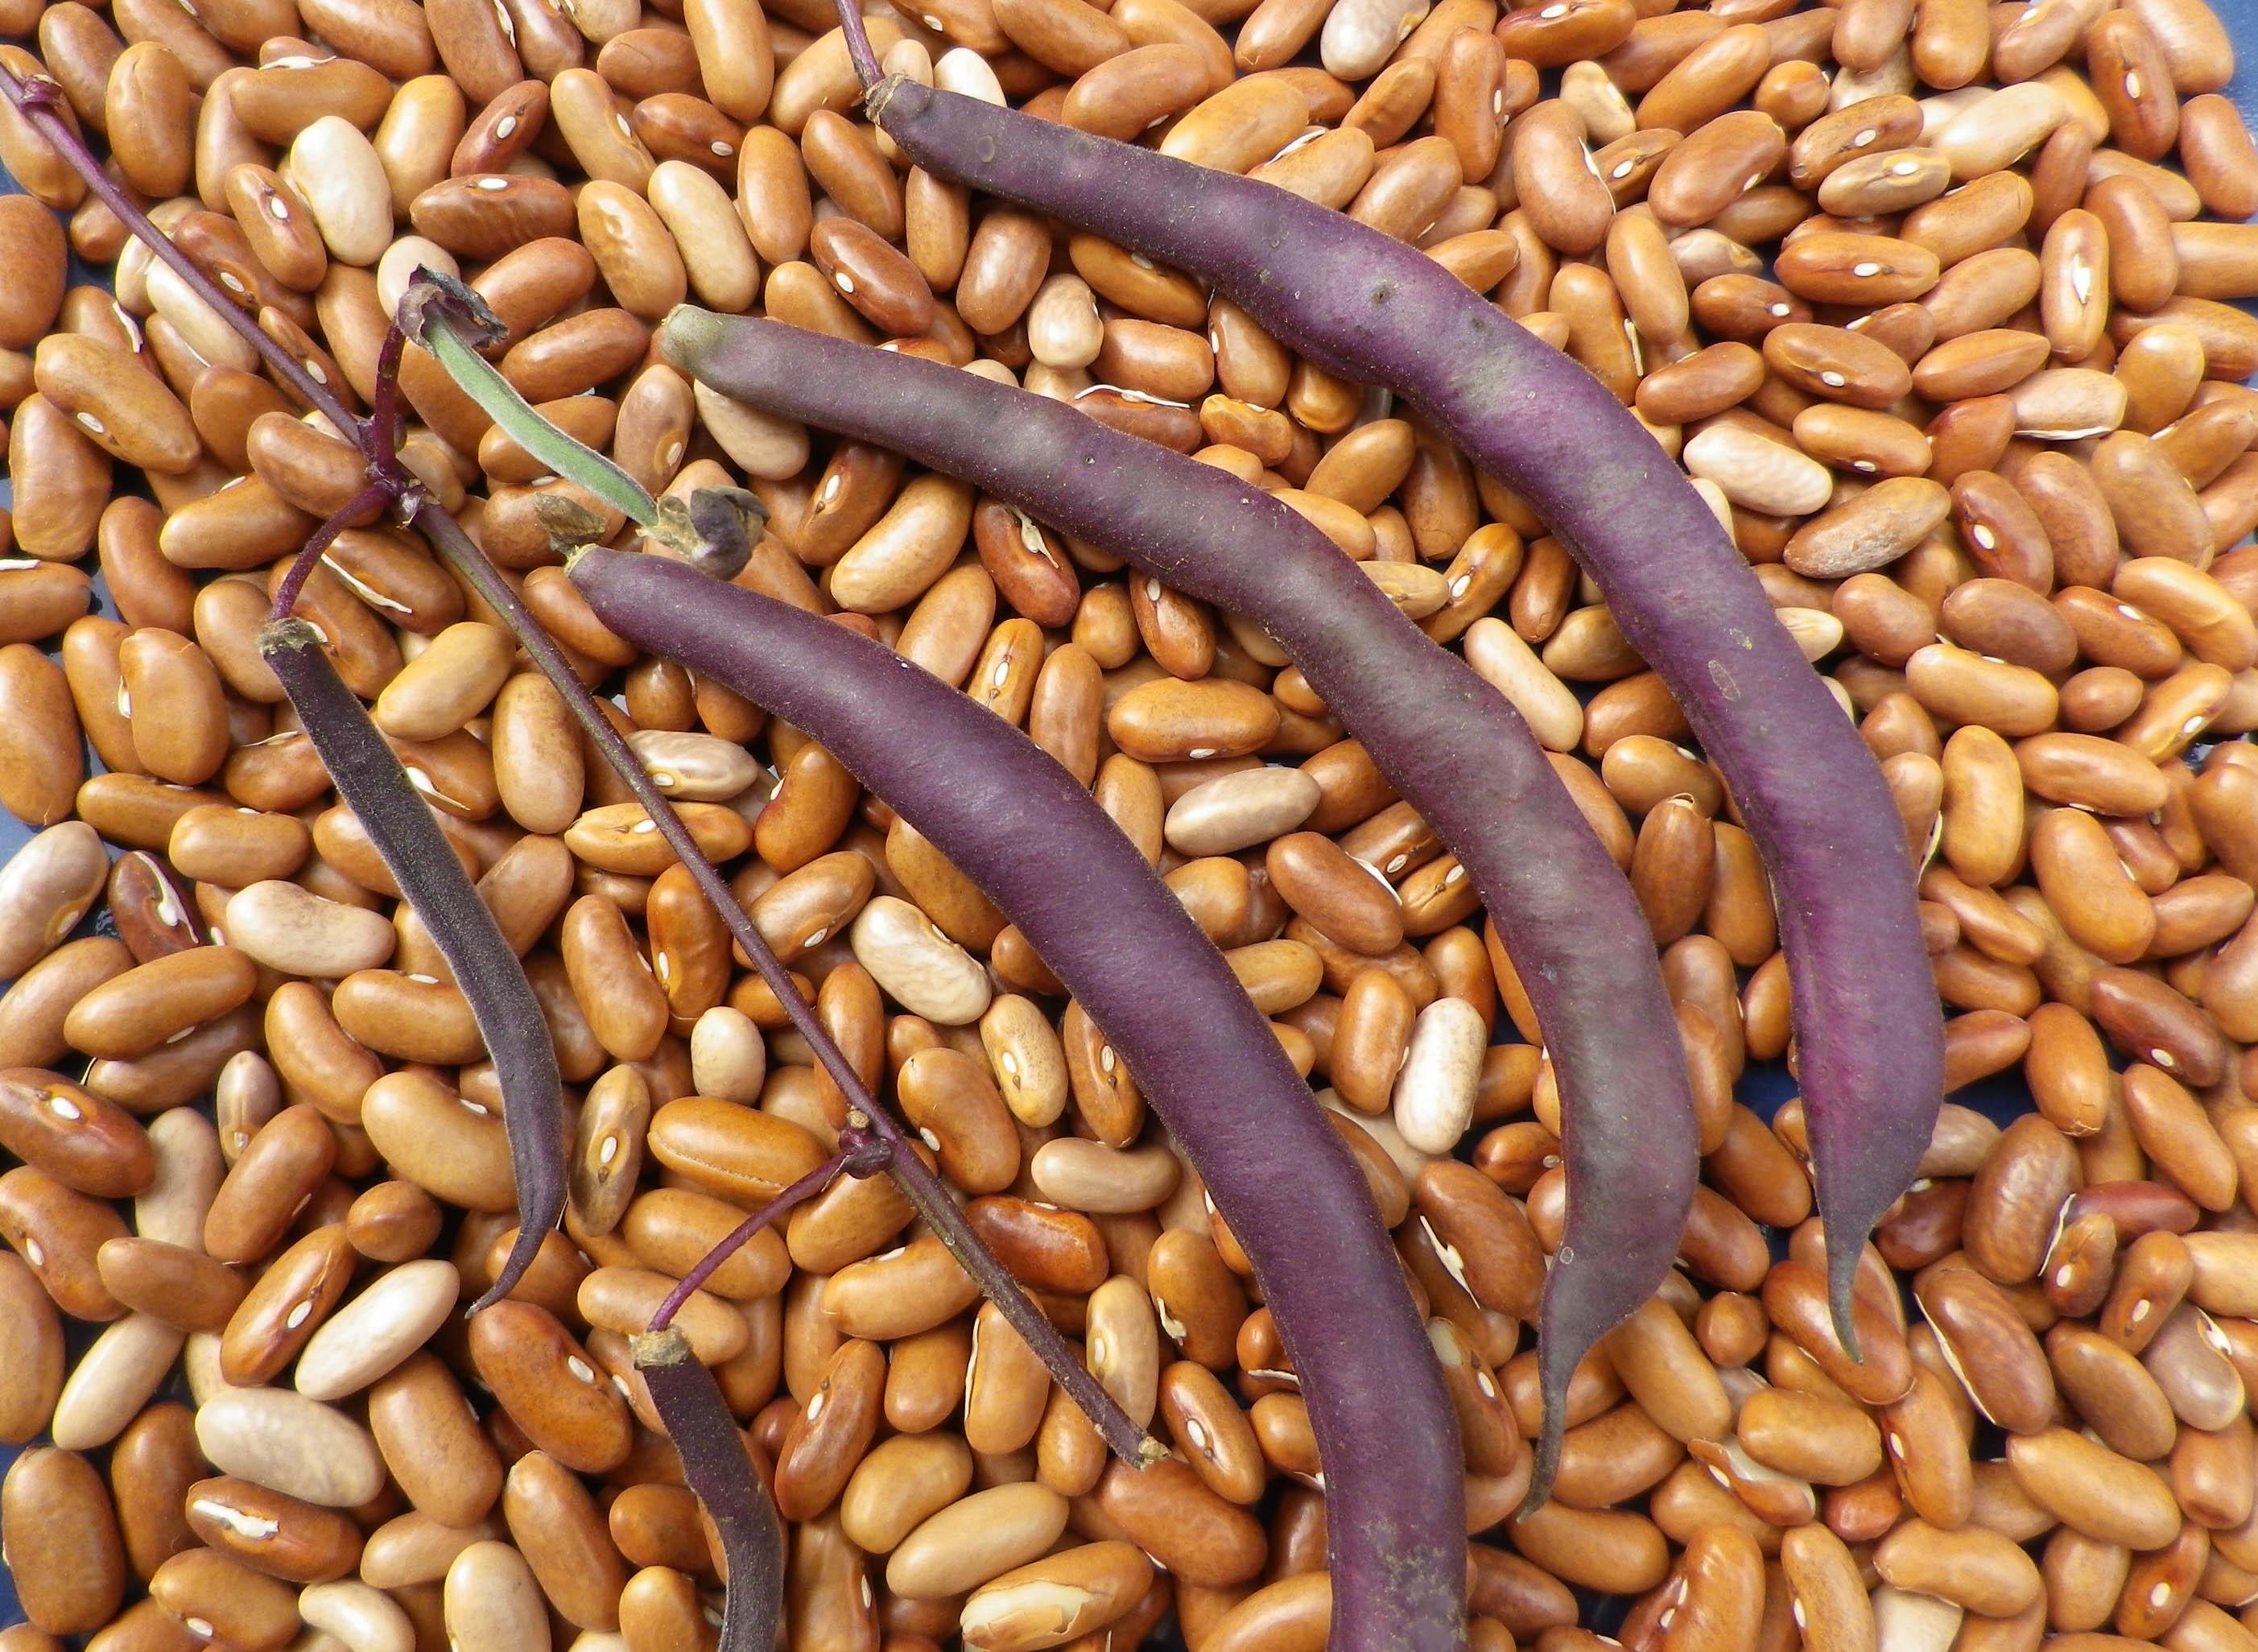 Purple snap beans